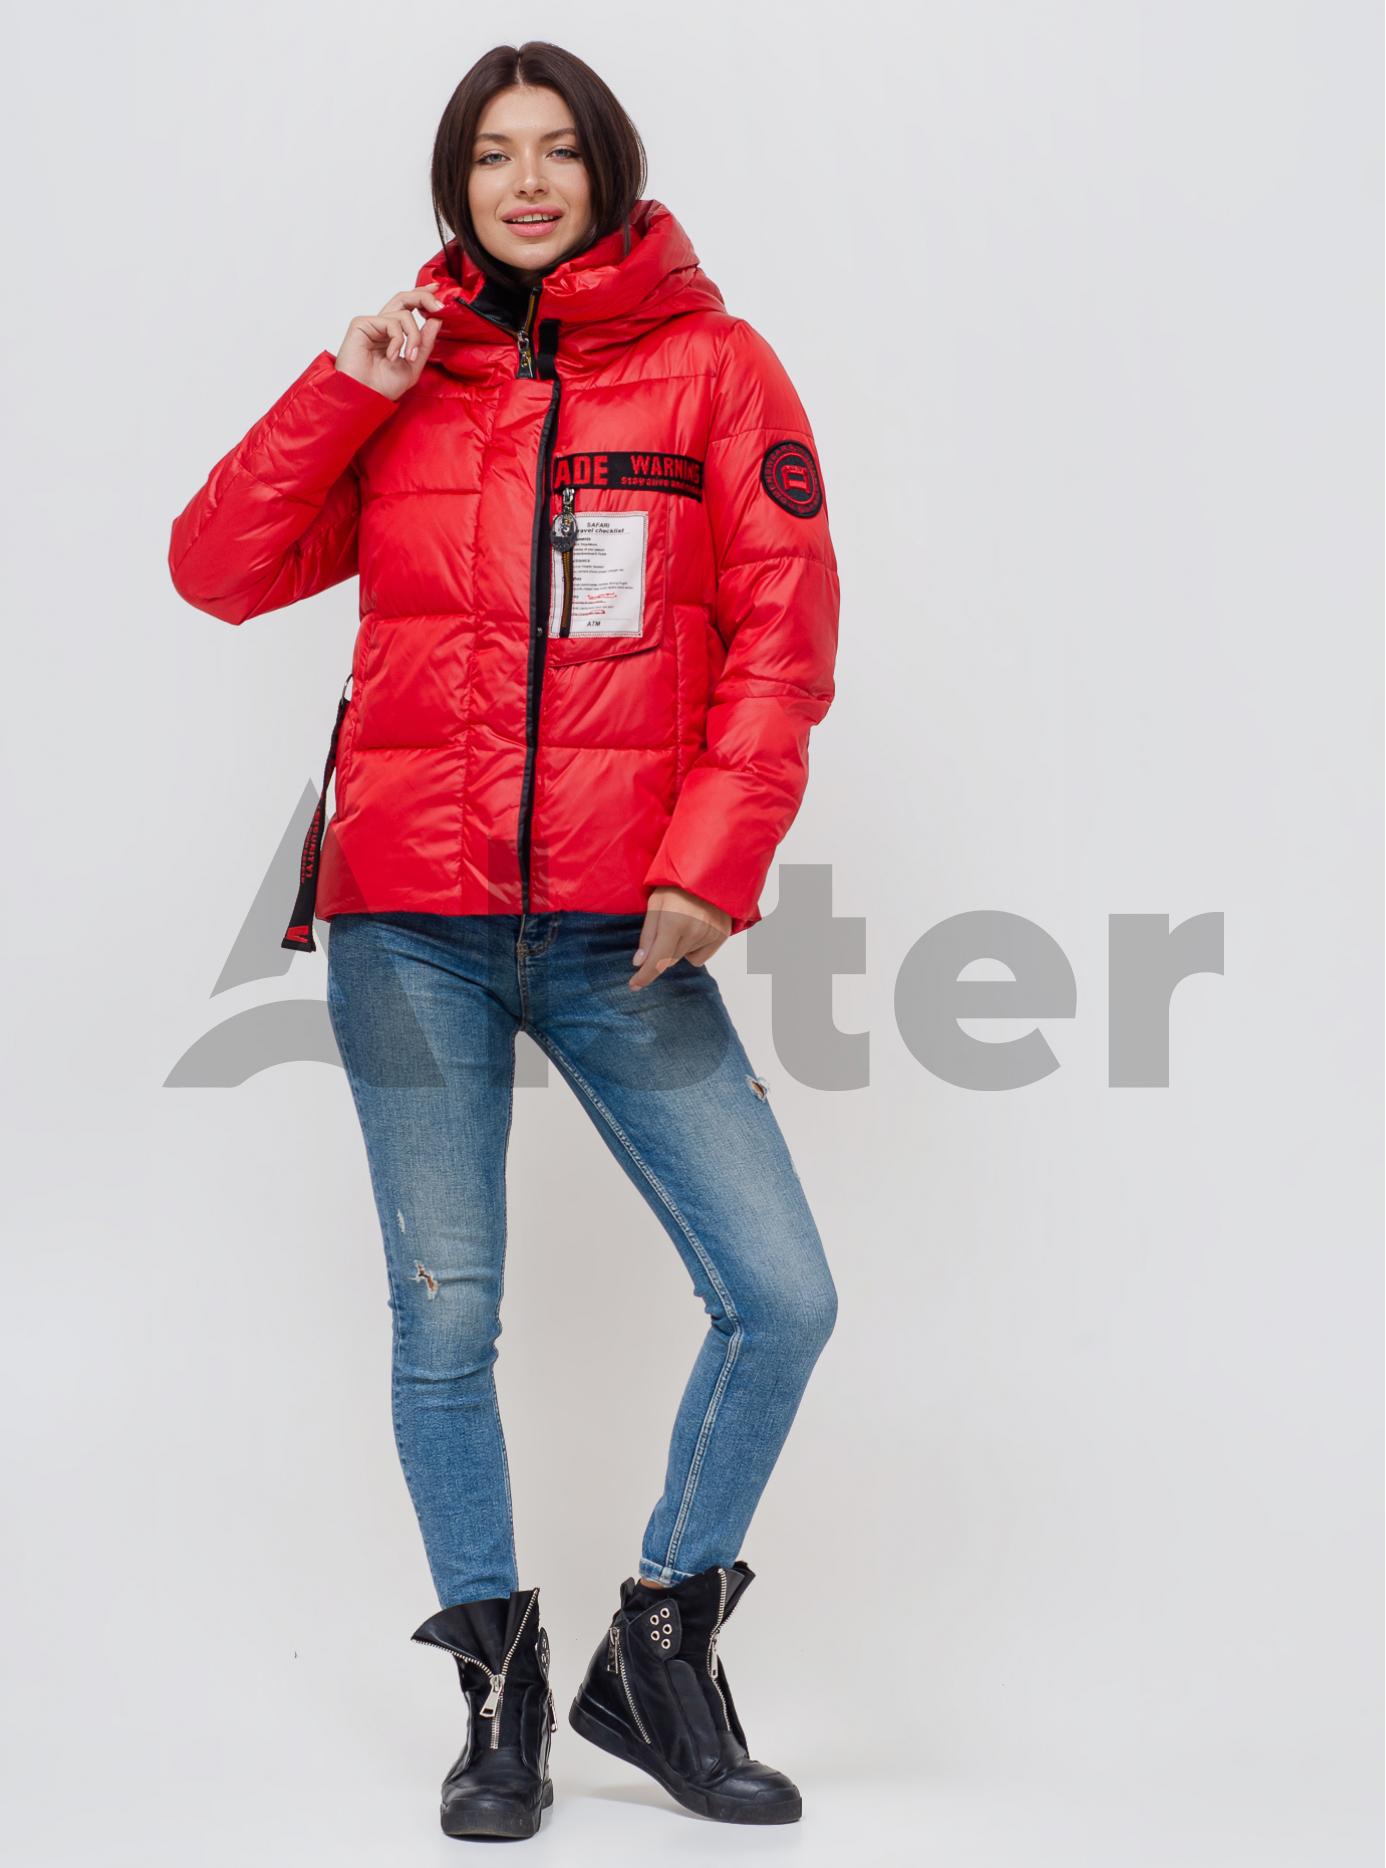 Зимняя женская куртка с капюшоном Красный XL (07-VP201033): фото - Alster.ua